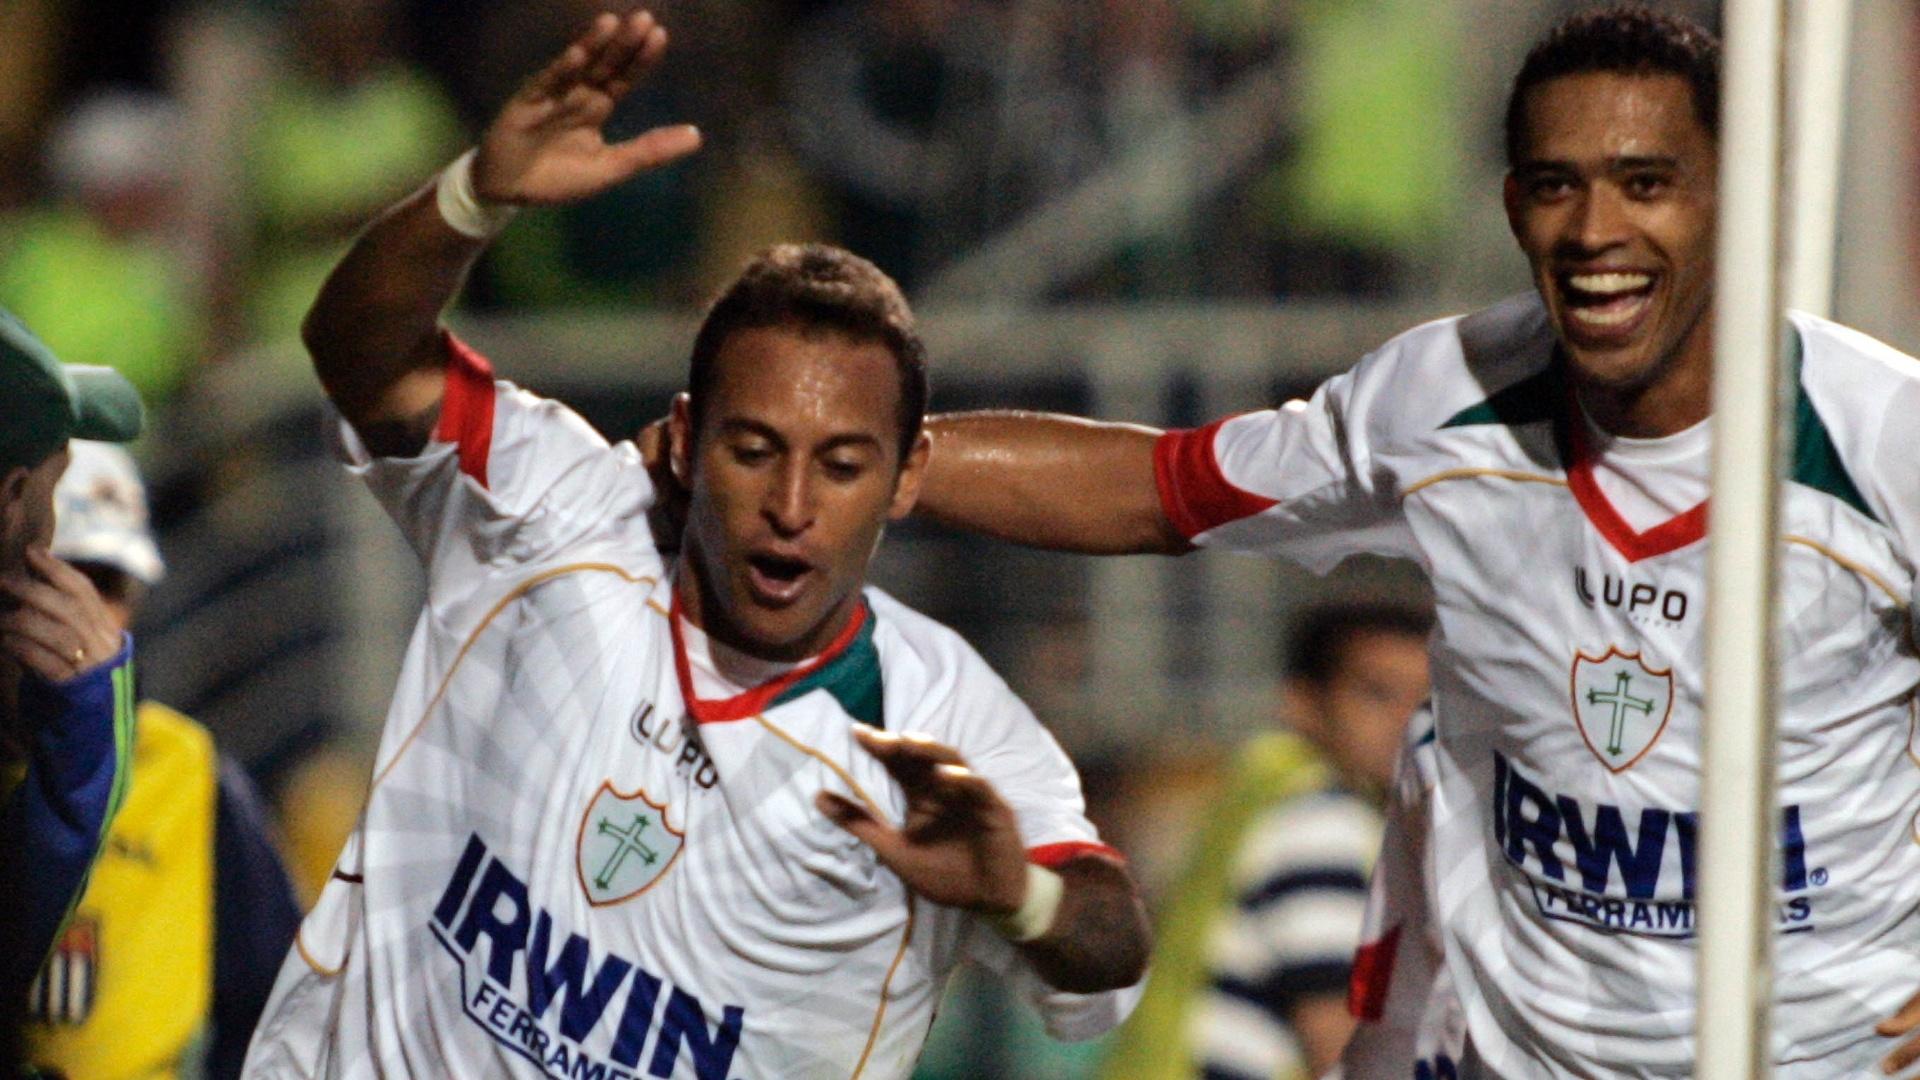 Rodriguinho comemora após marcar o gol da Portuguesa contra o Palmeiras